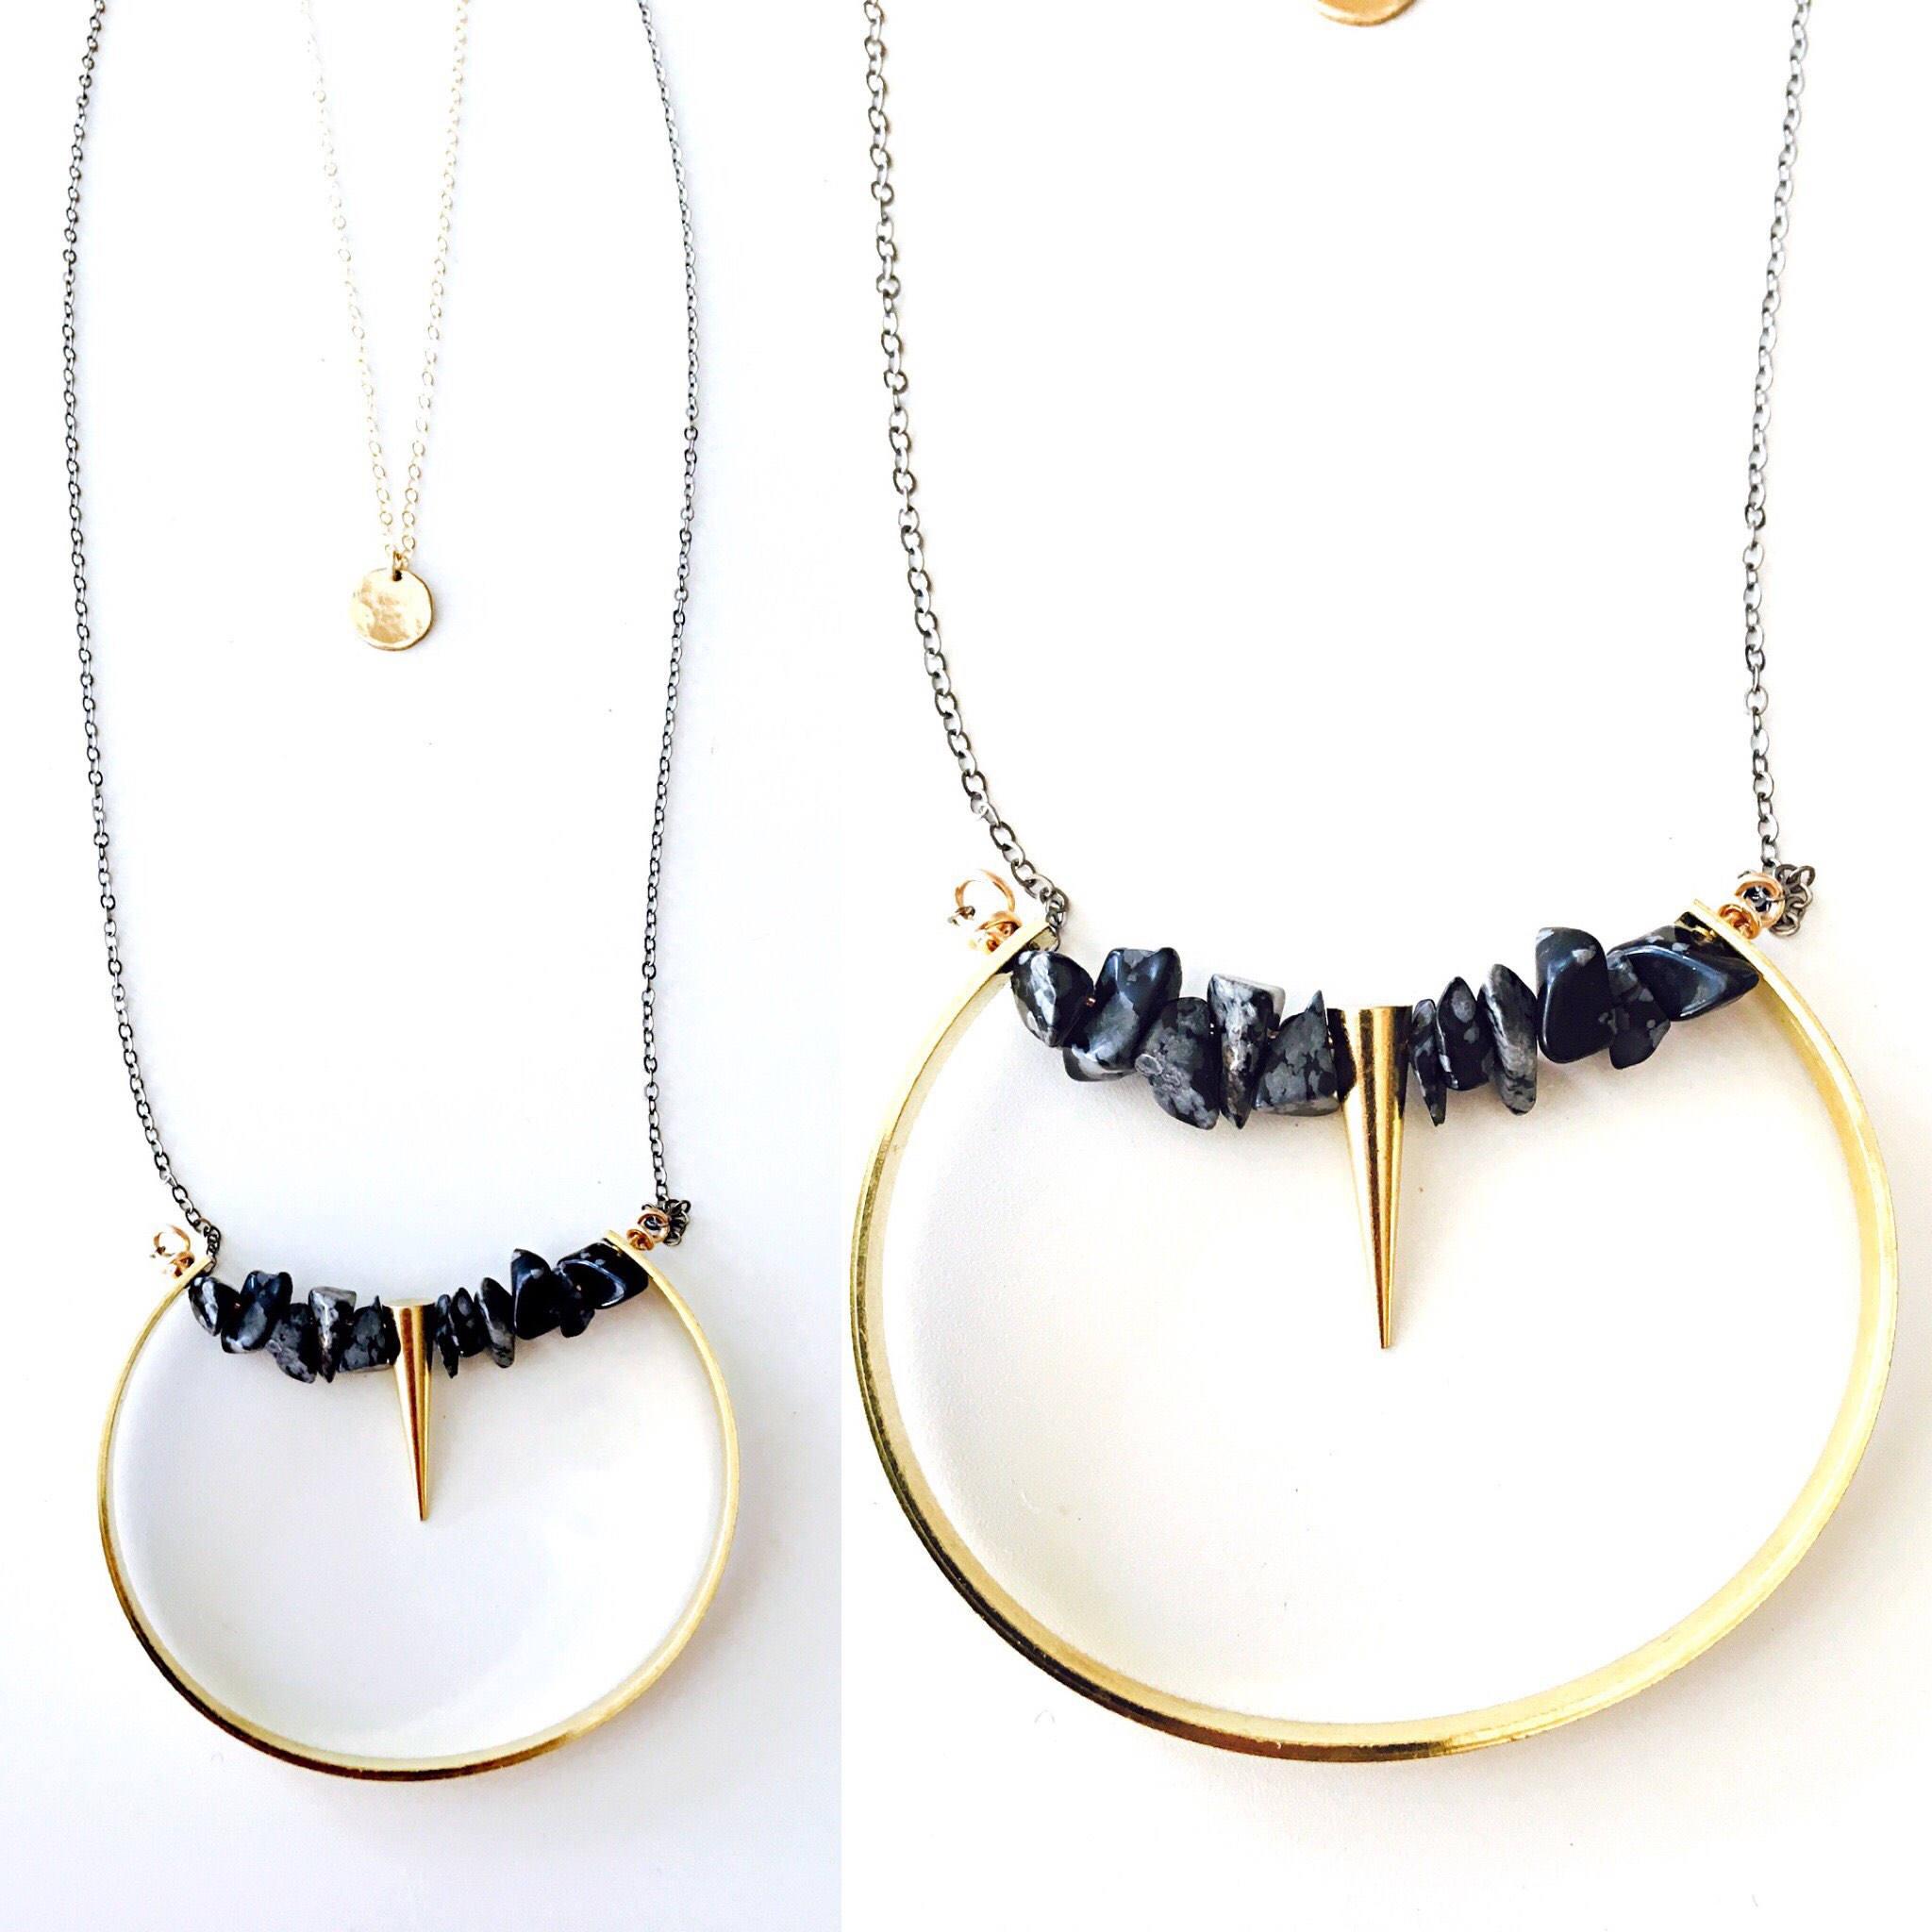 The Wilder Necklace // glamrock jewelry// onyx// brass geometric jewelry// double strand necklace// geometic jewelry// mixed metal jewelry